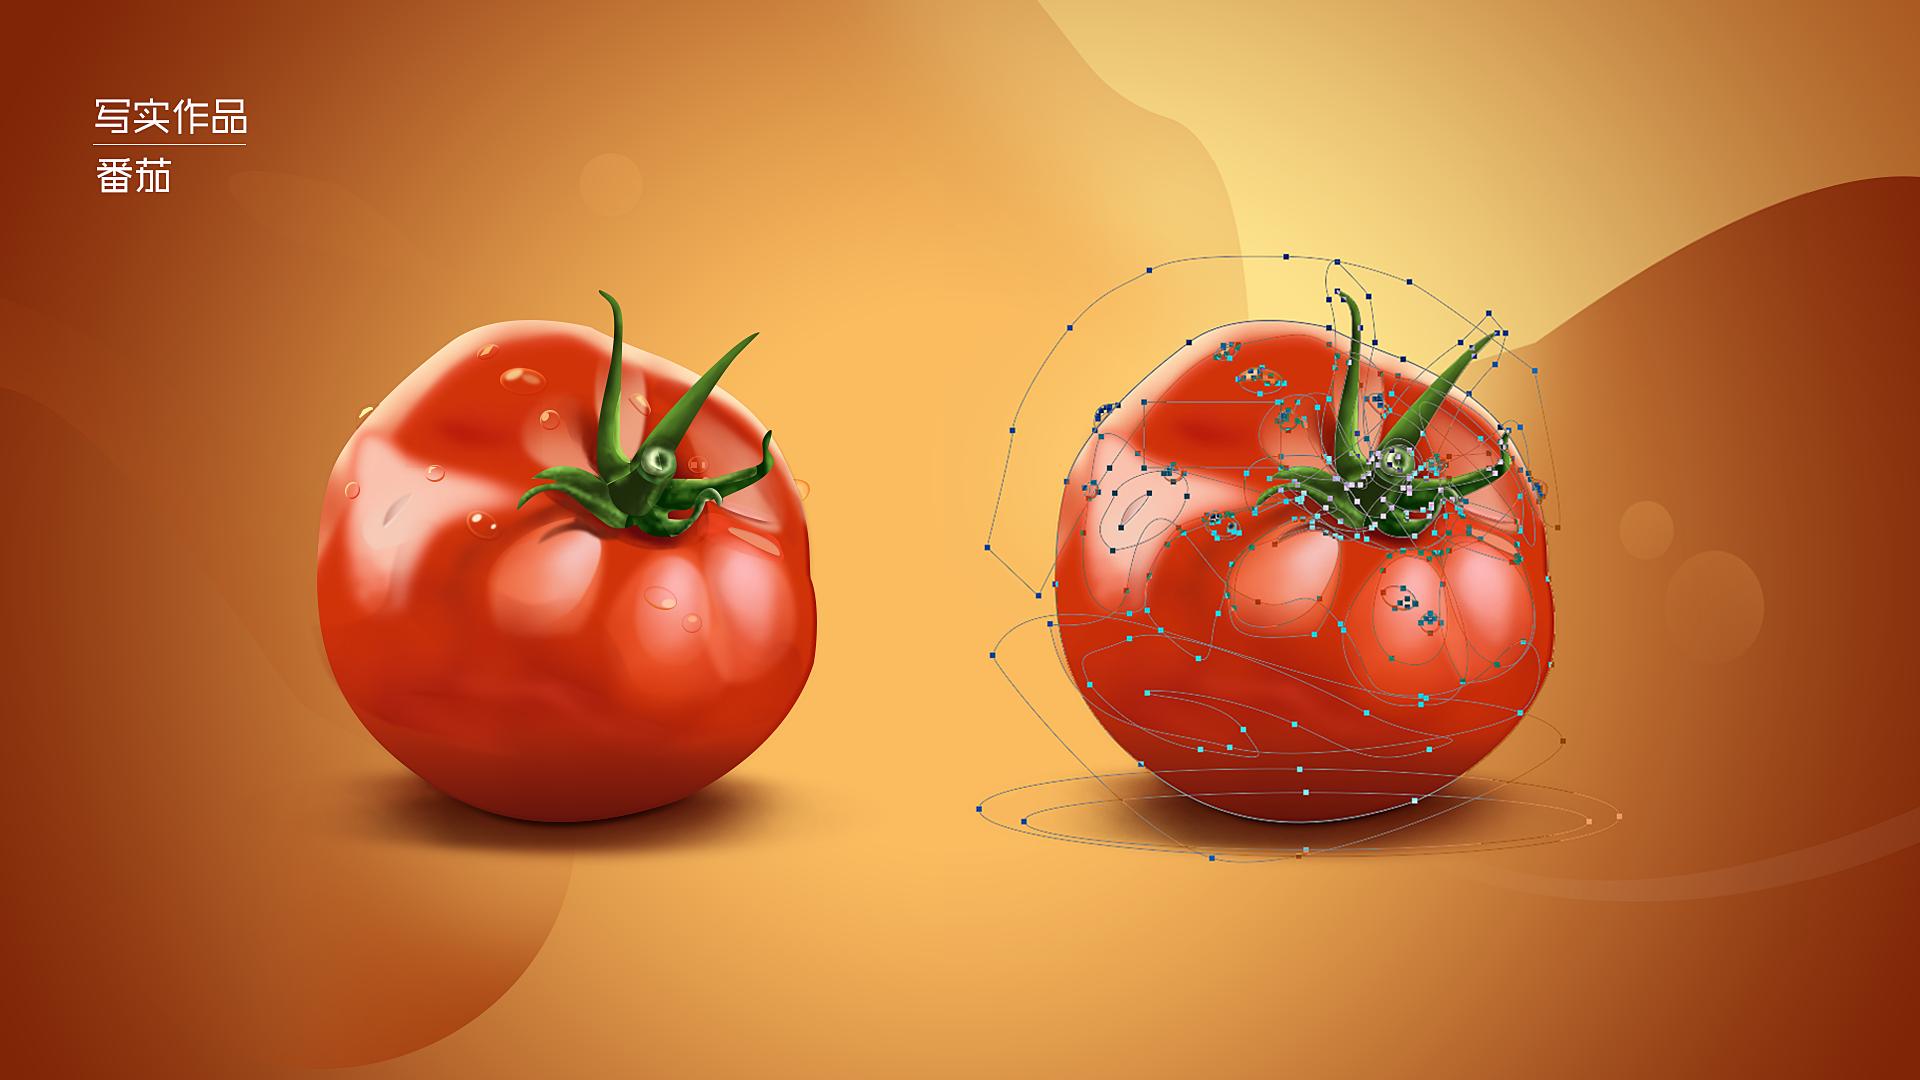 写实作品——番茄